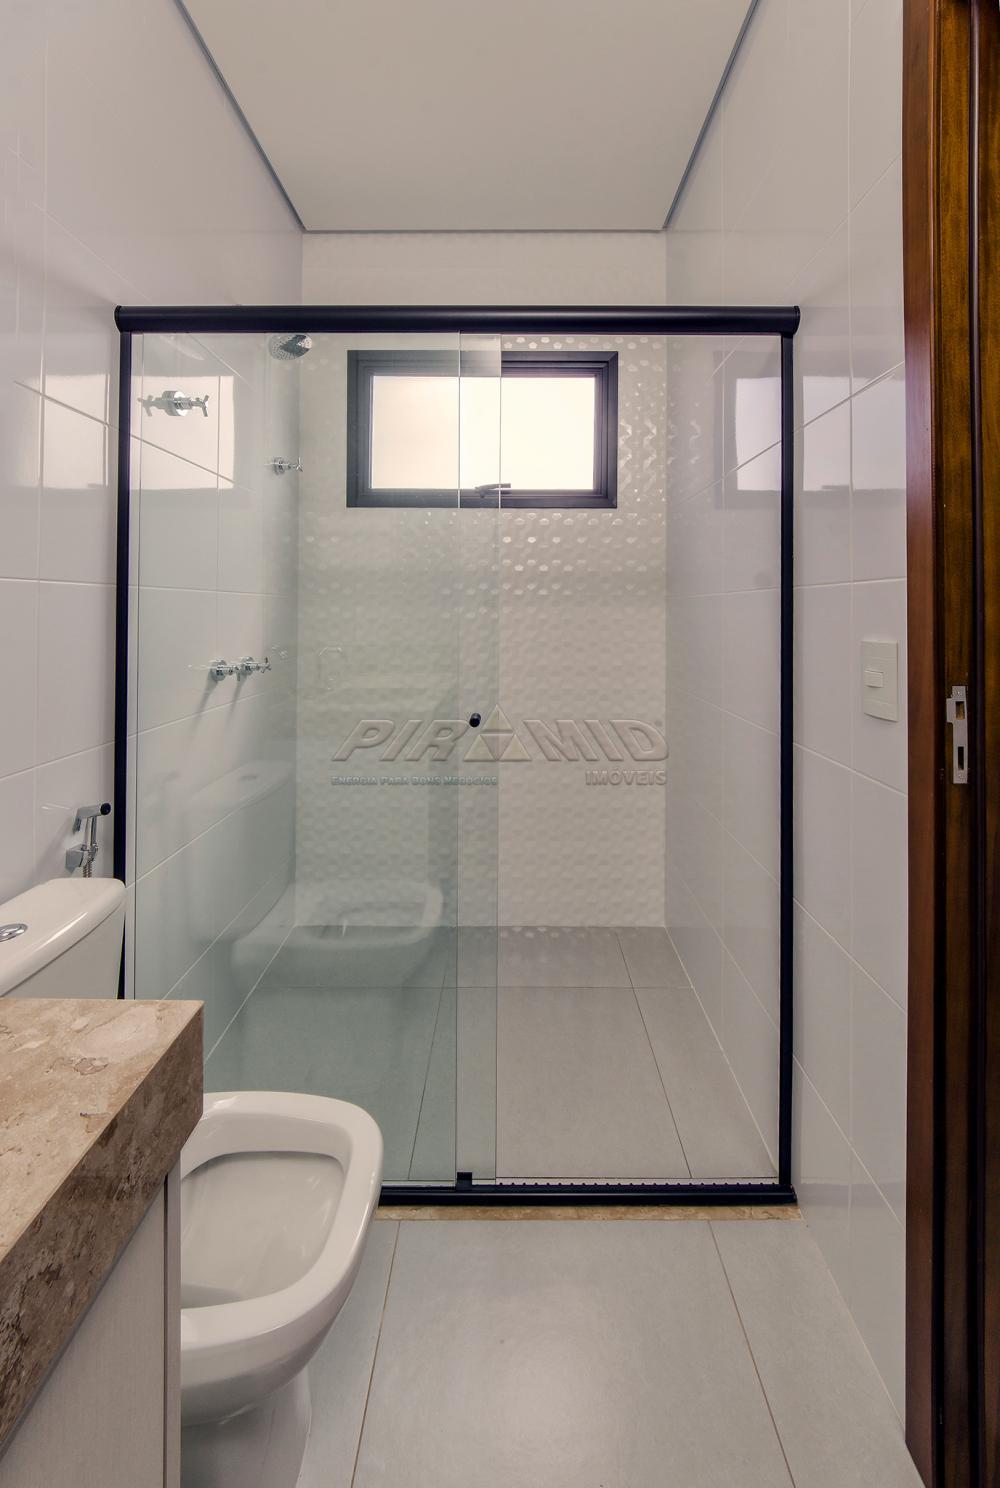 Comprar Casa / Condomínio em Ribeirão Preto apenas R$ 950.000,00 - Foto 14